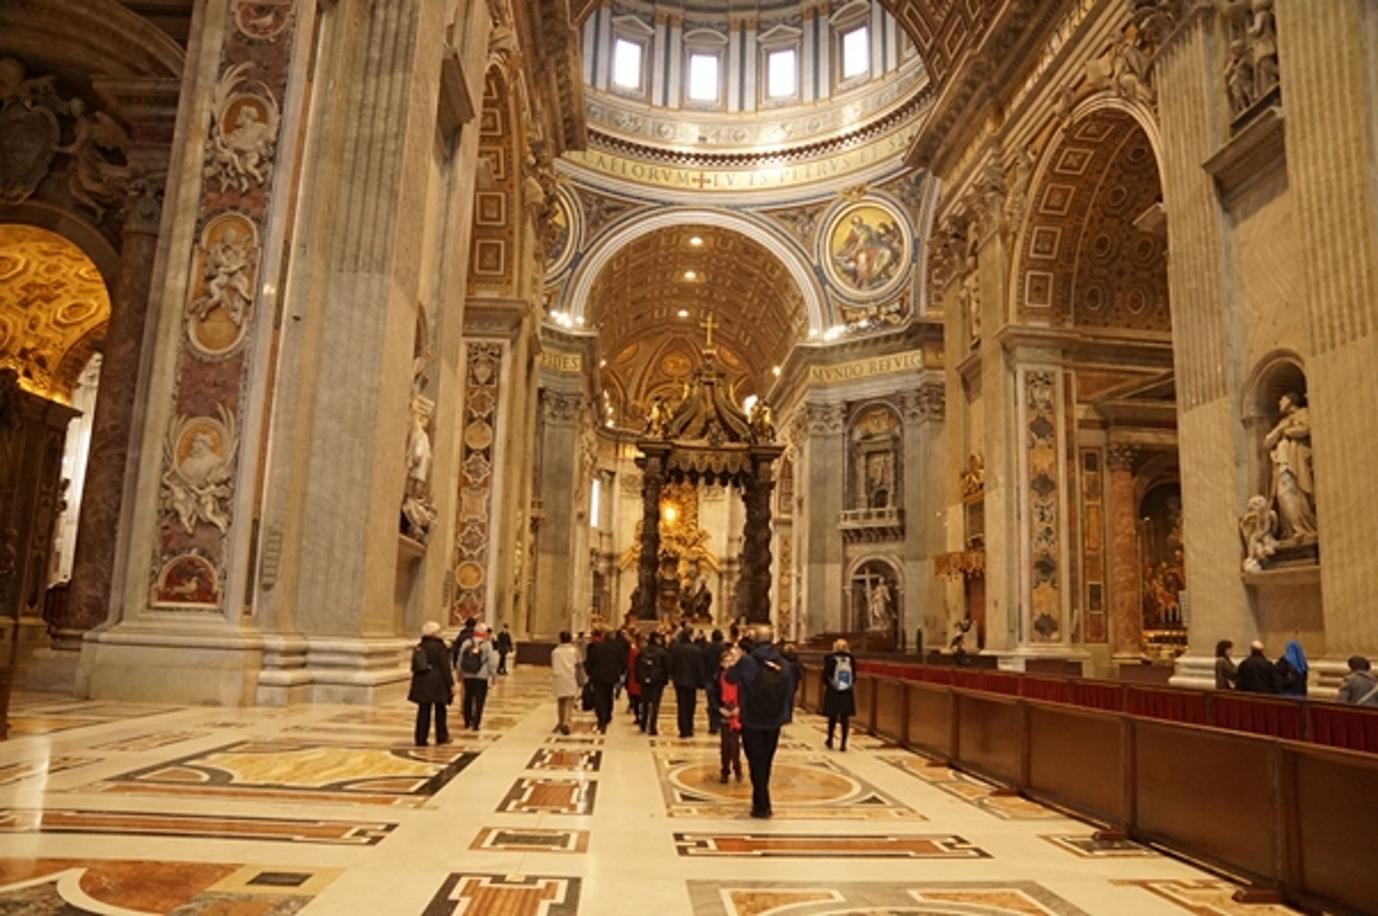 3-Entrée dans la basilique Saint-Pierre